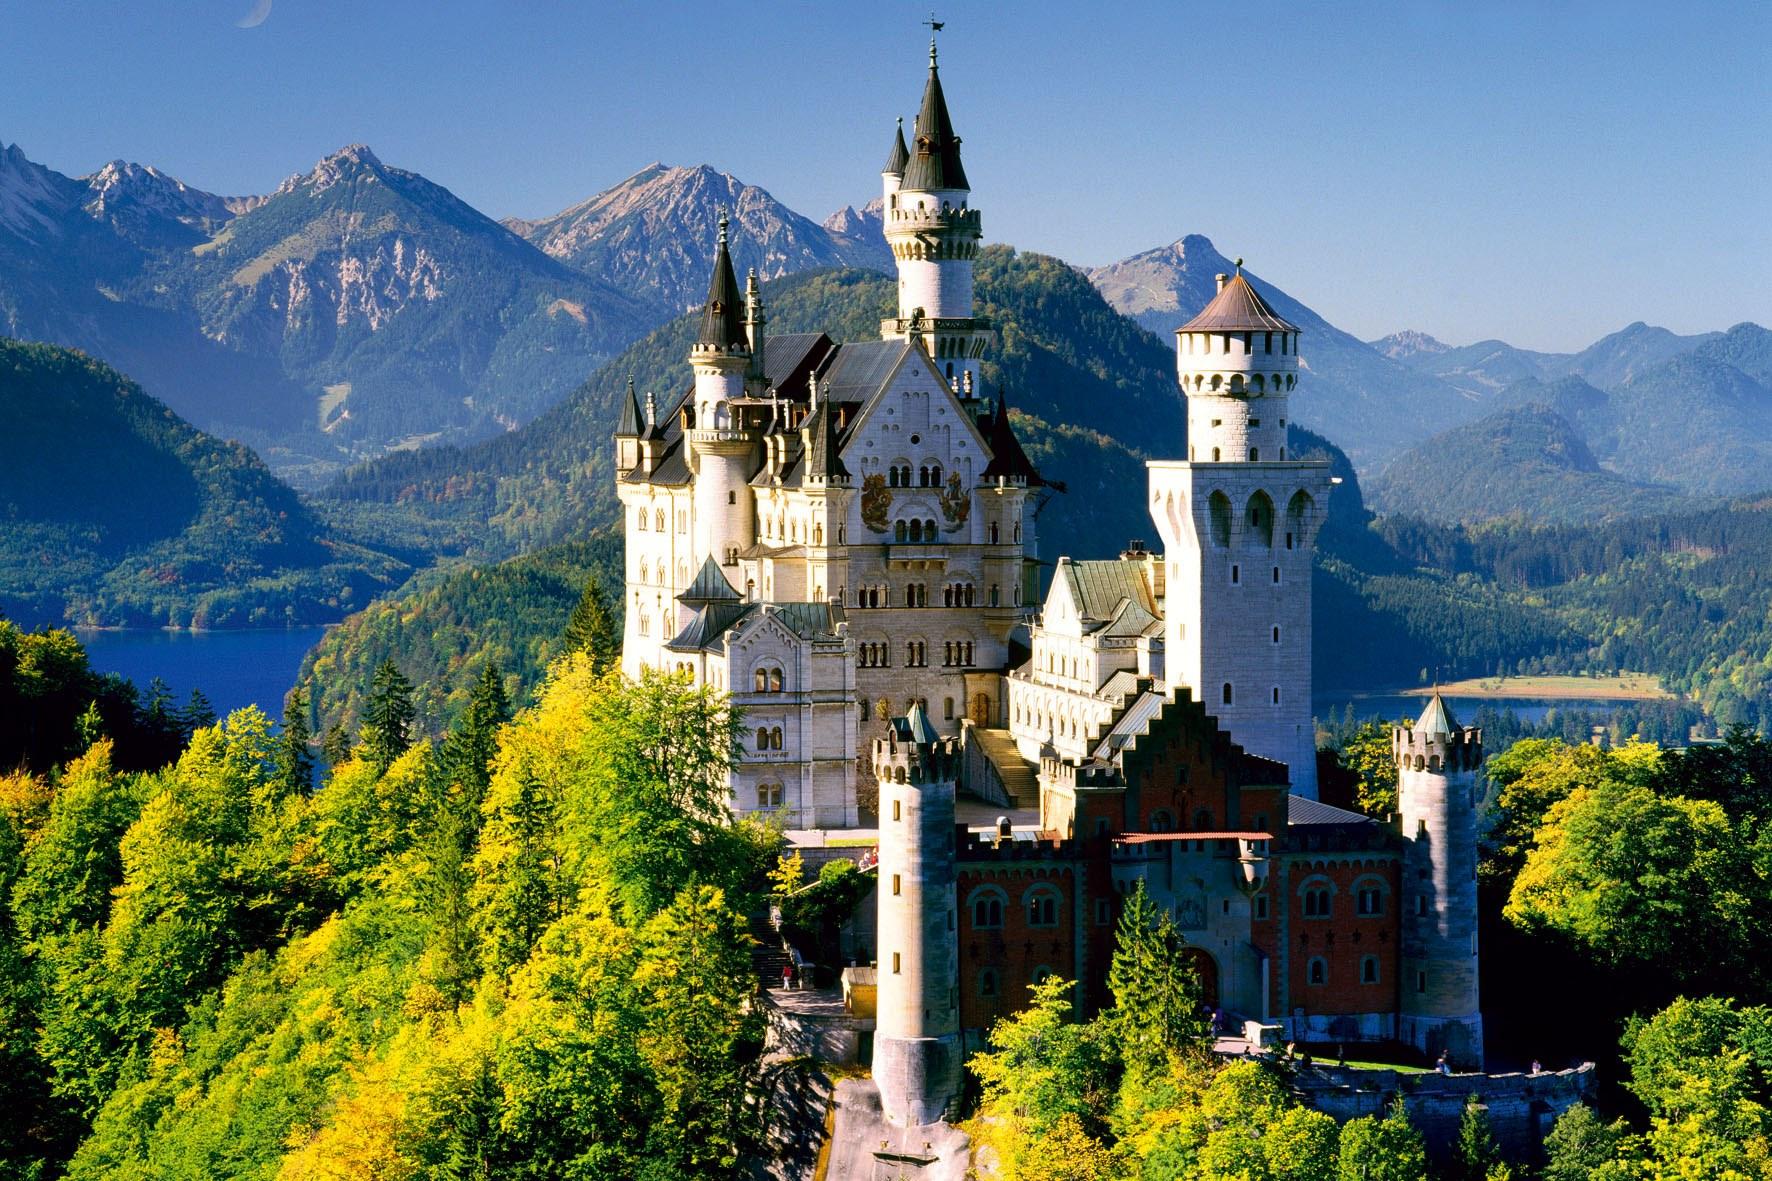 Castelul Neuschwanstein din Germania  - muza artiștilor de pretutindeni